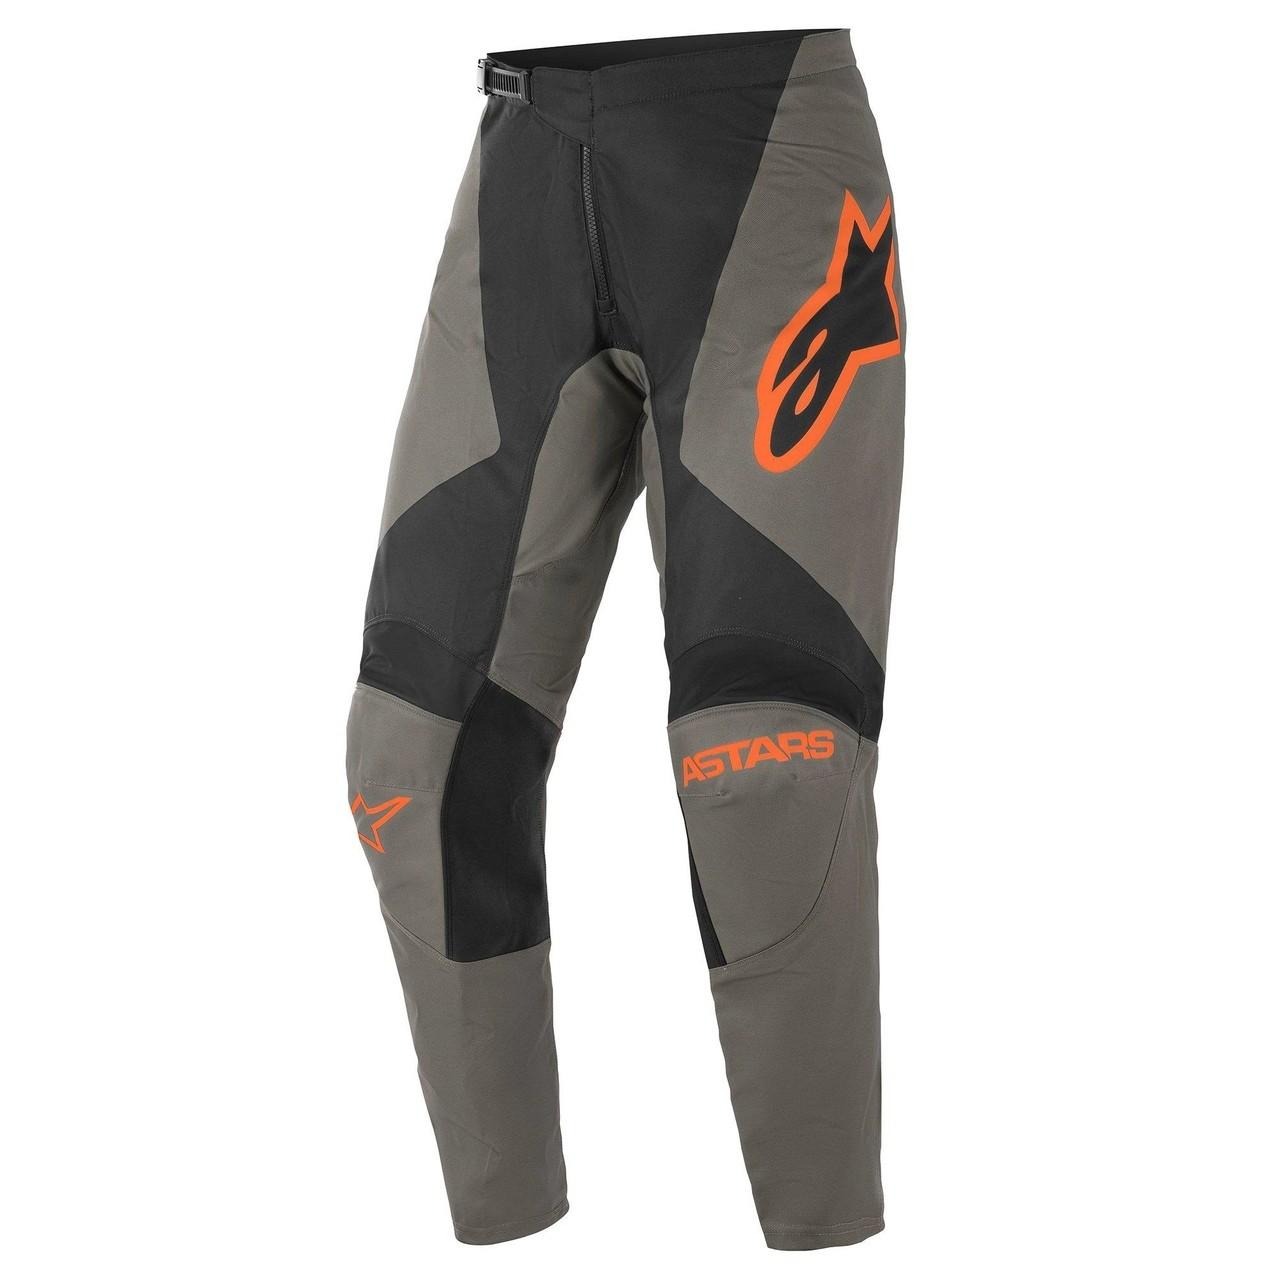 Kit Calça + Camisa Alpinestars Fluid Speed